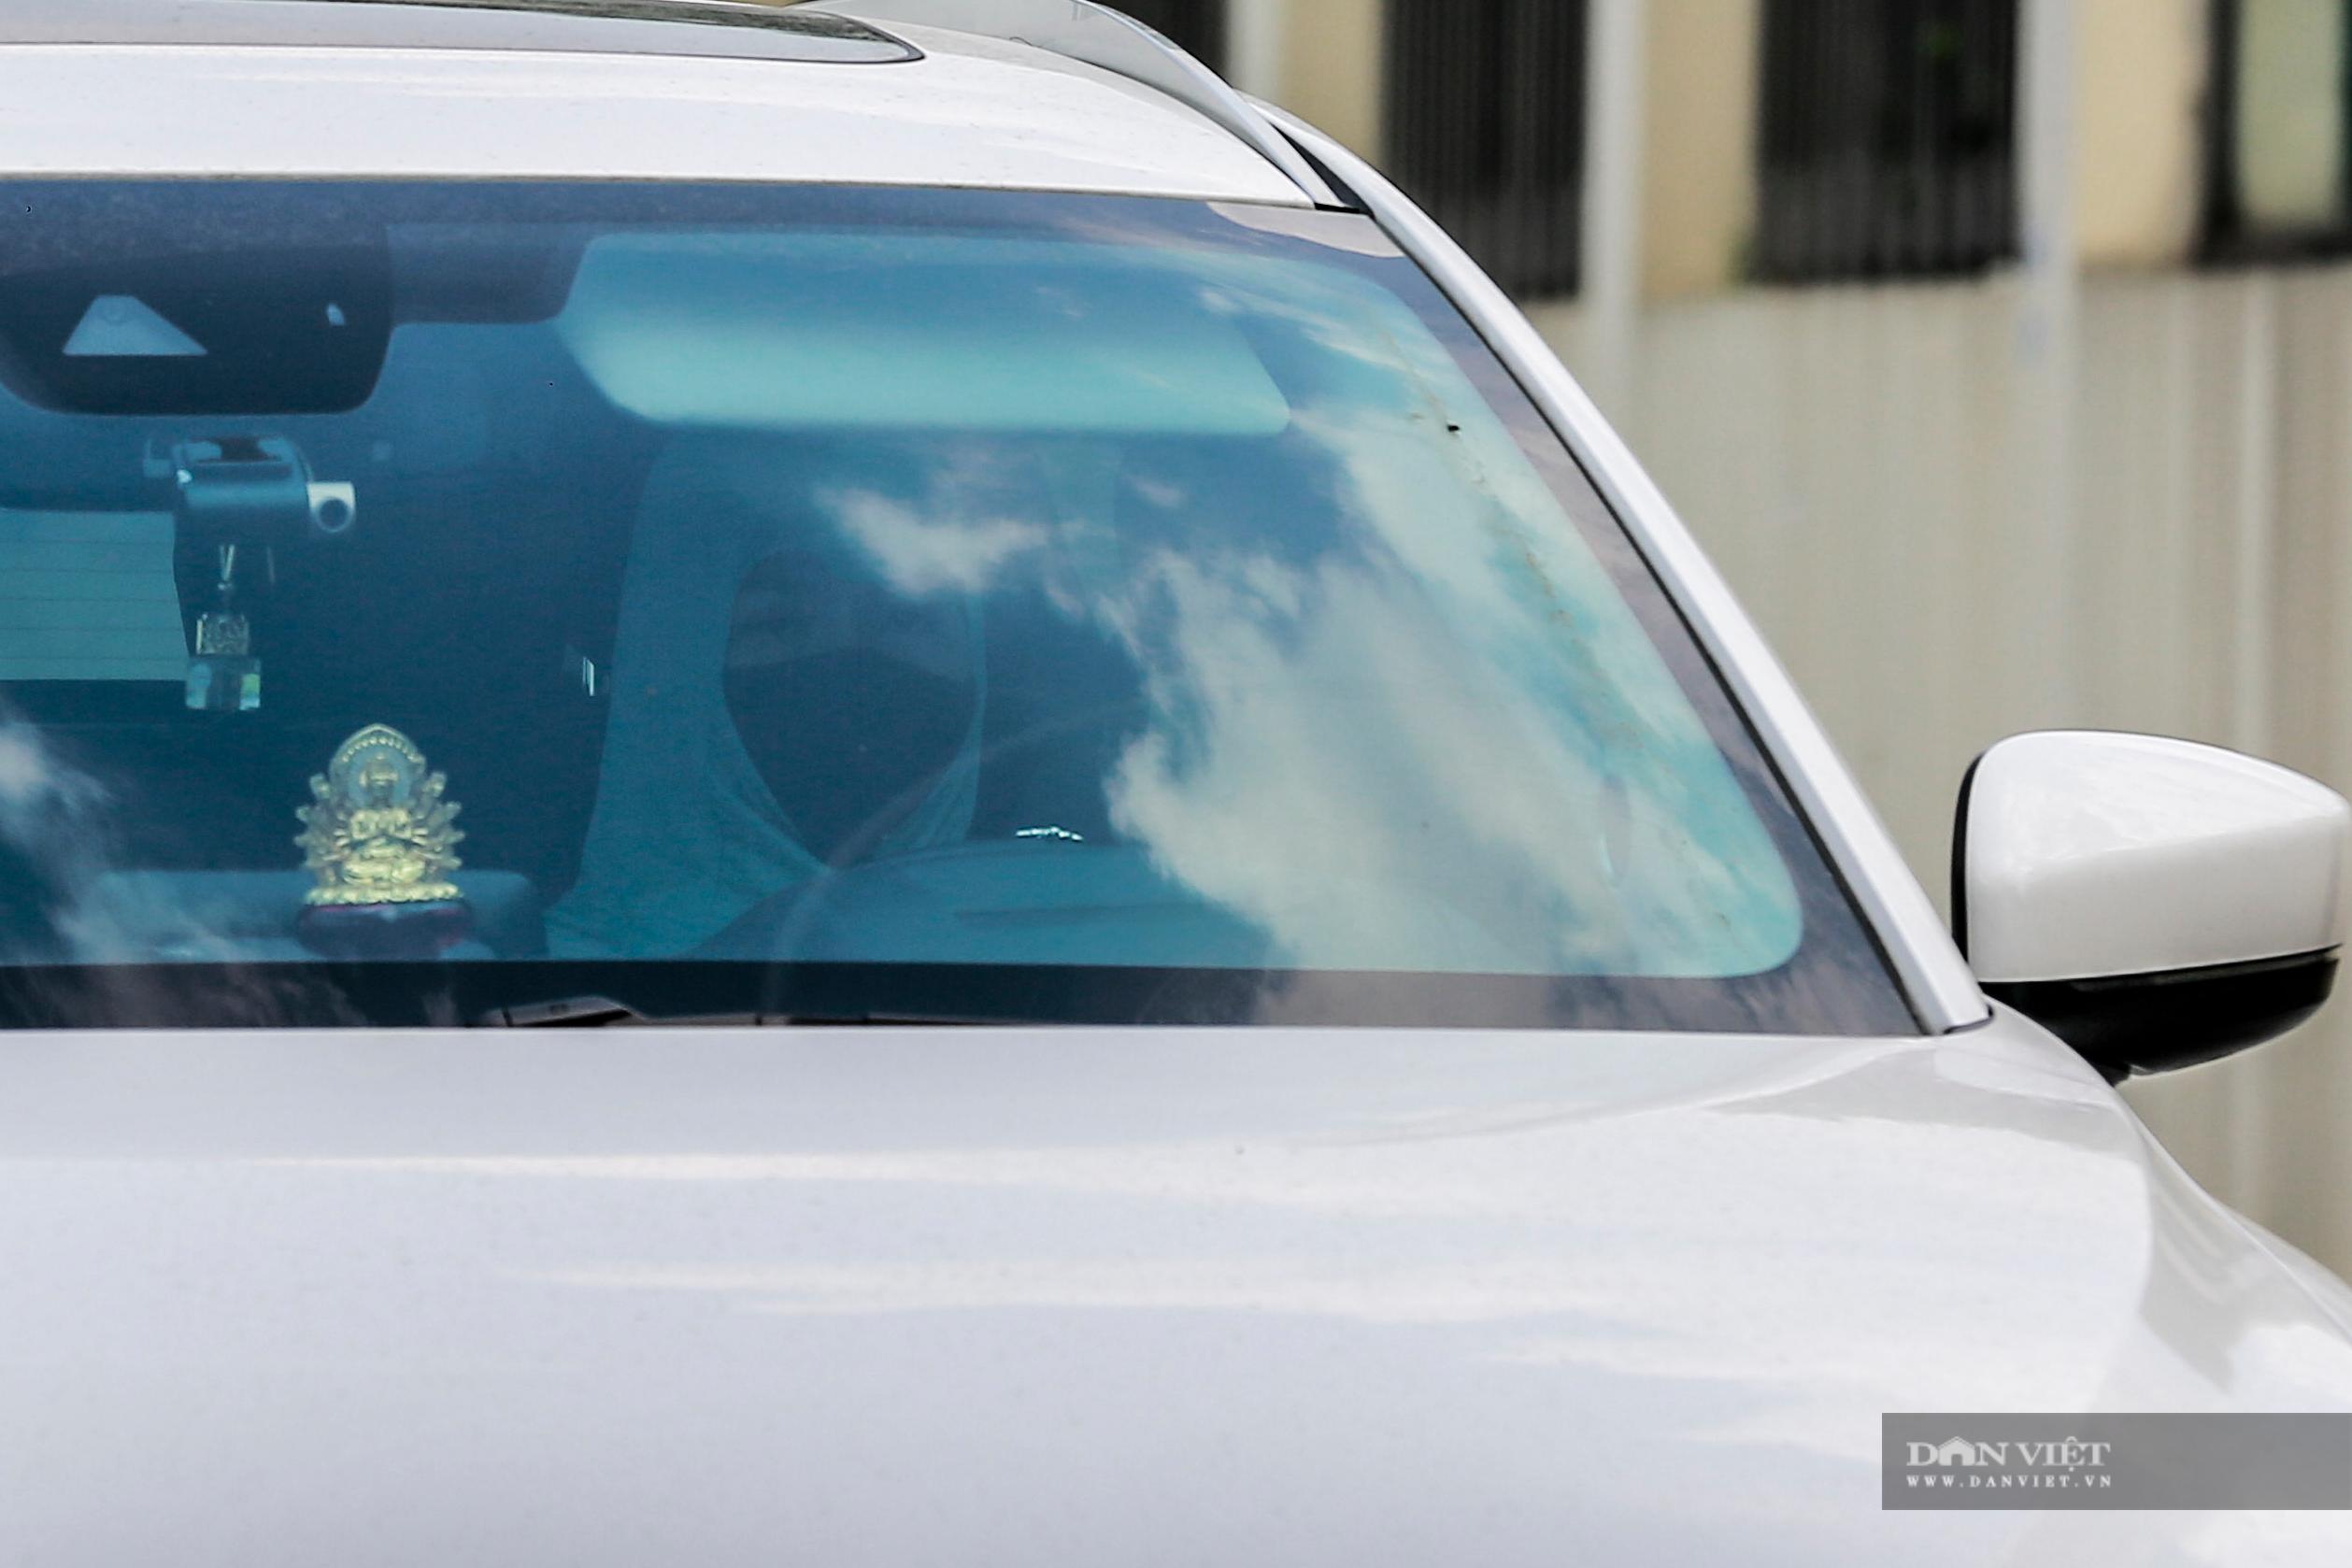 Hà Nội nắng nóng gần 40 độ C, phụ nữ lái ô tô với trang phục kín mít - Ảnh 6.